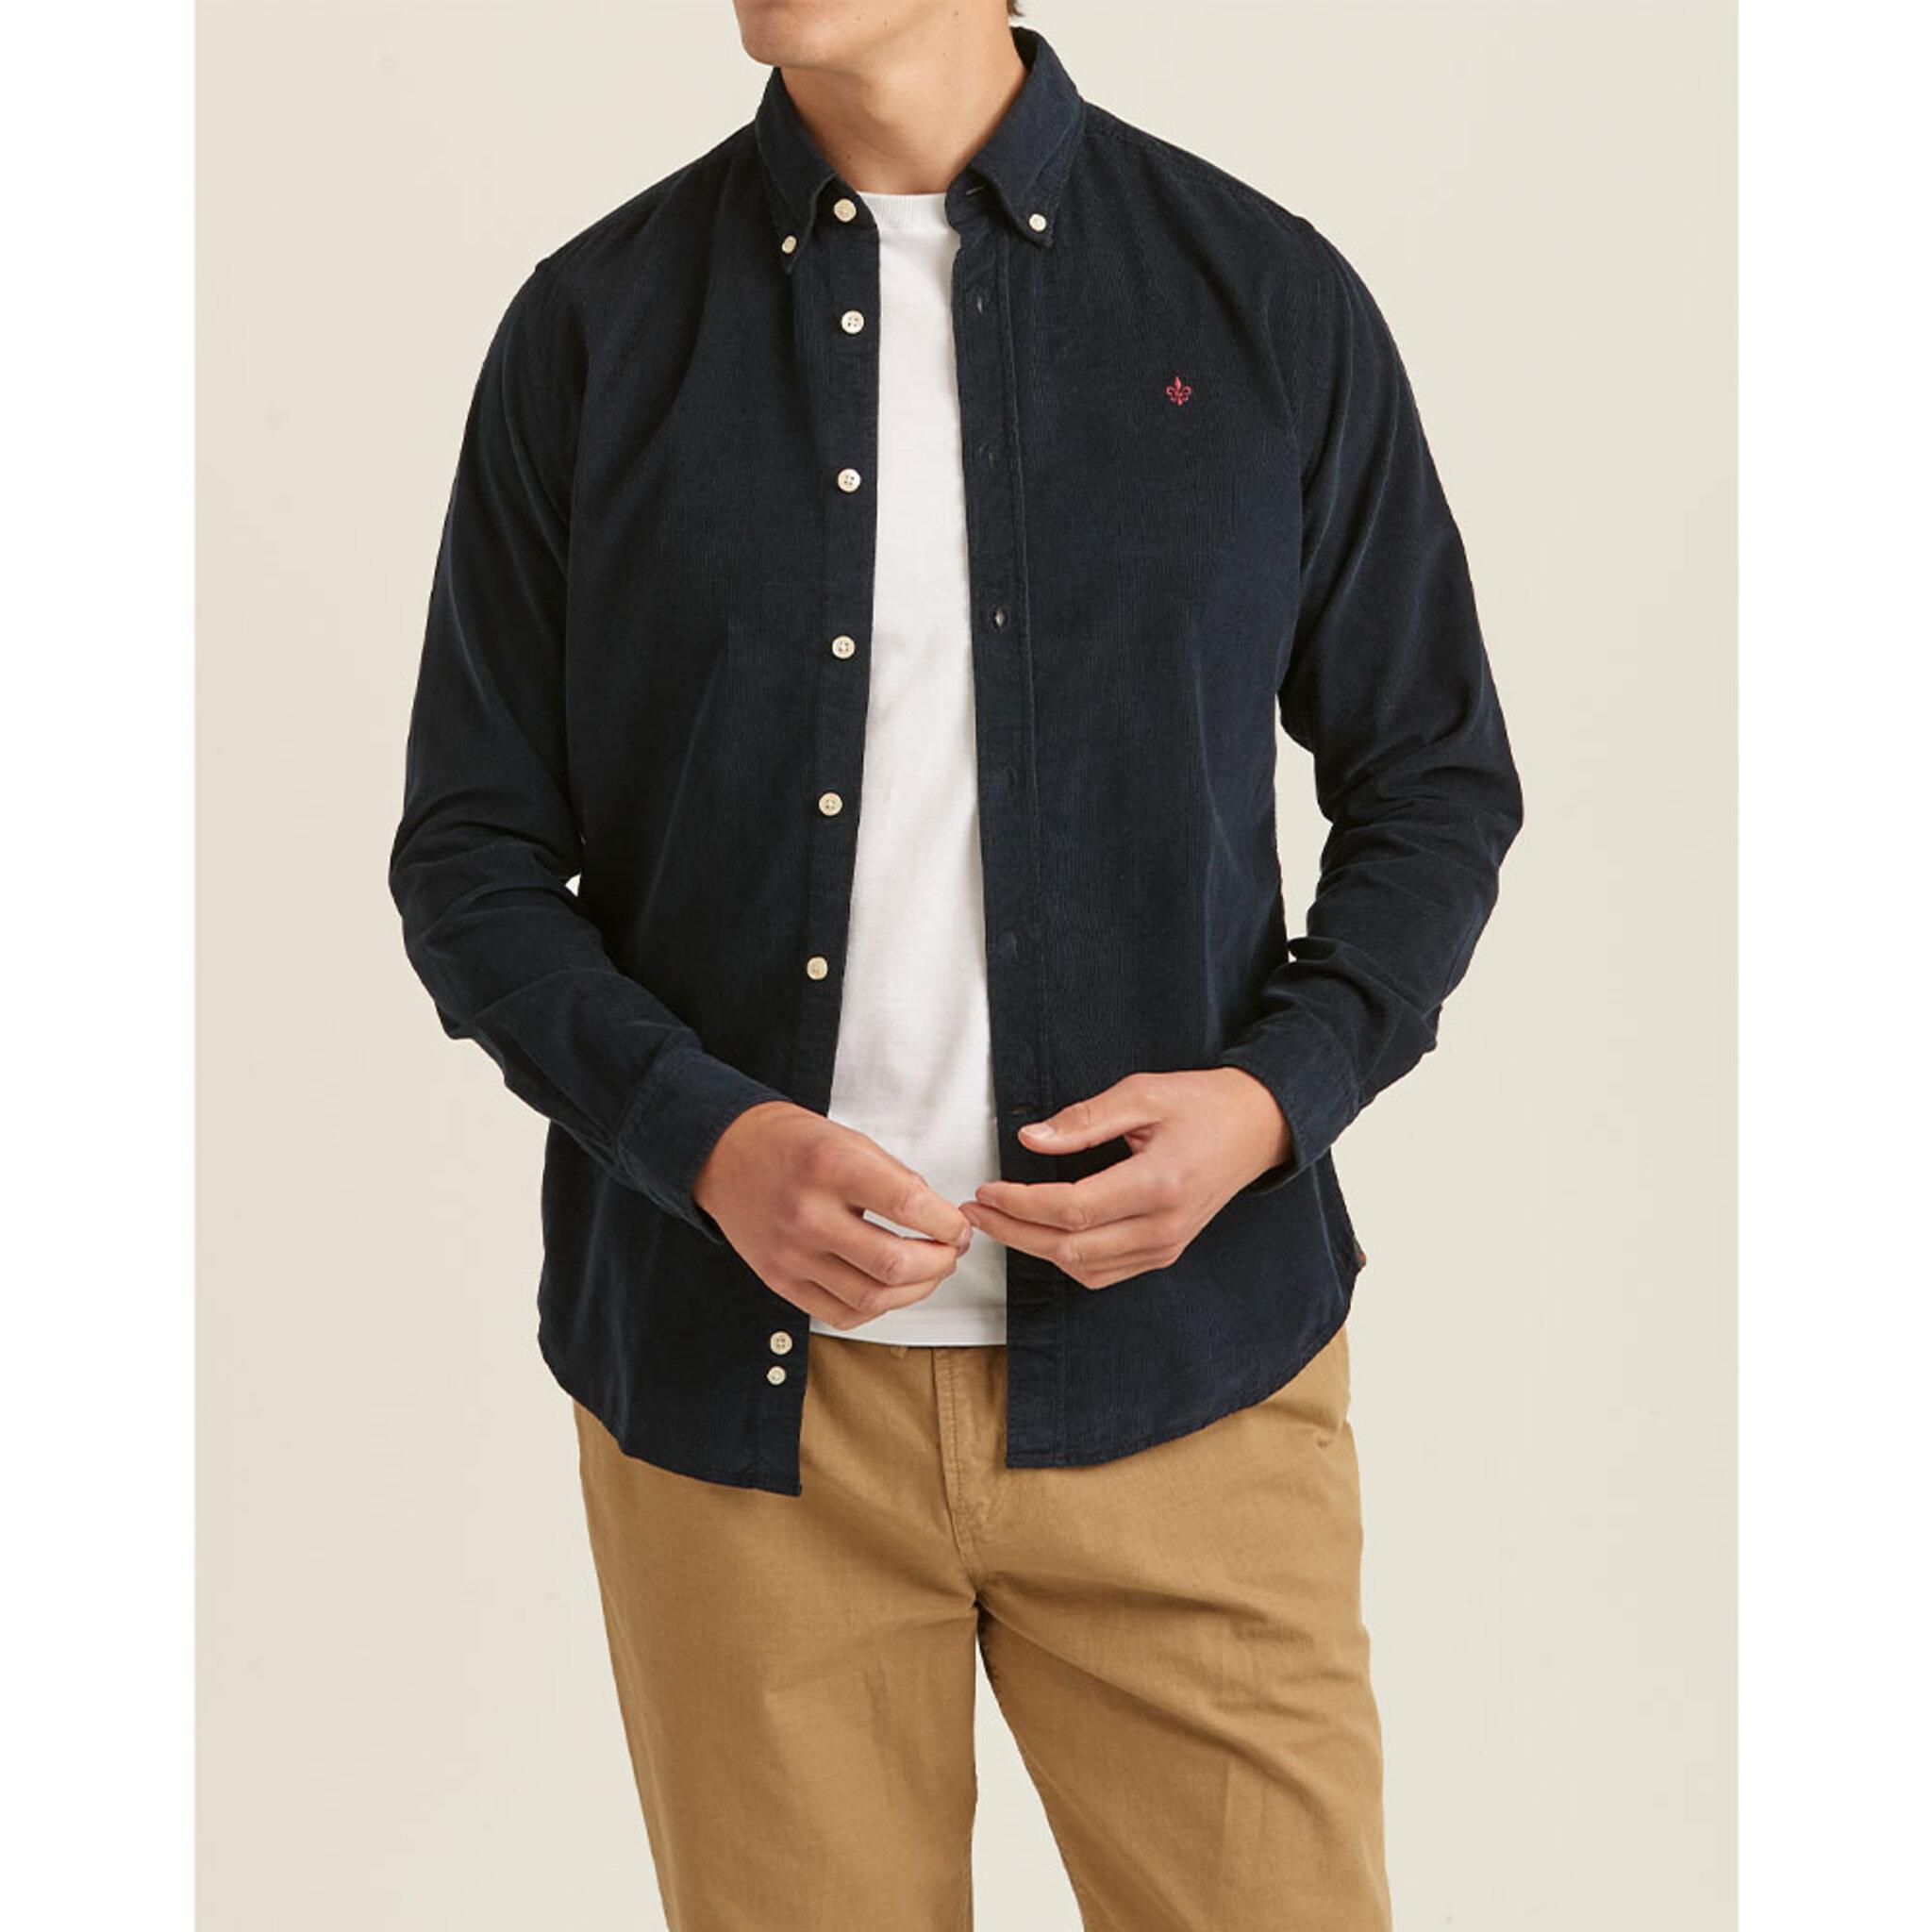 Douglas Cord BD Shirt